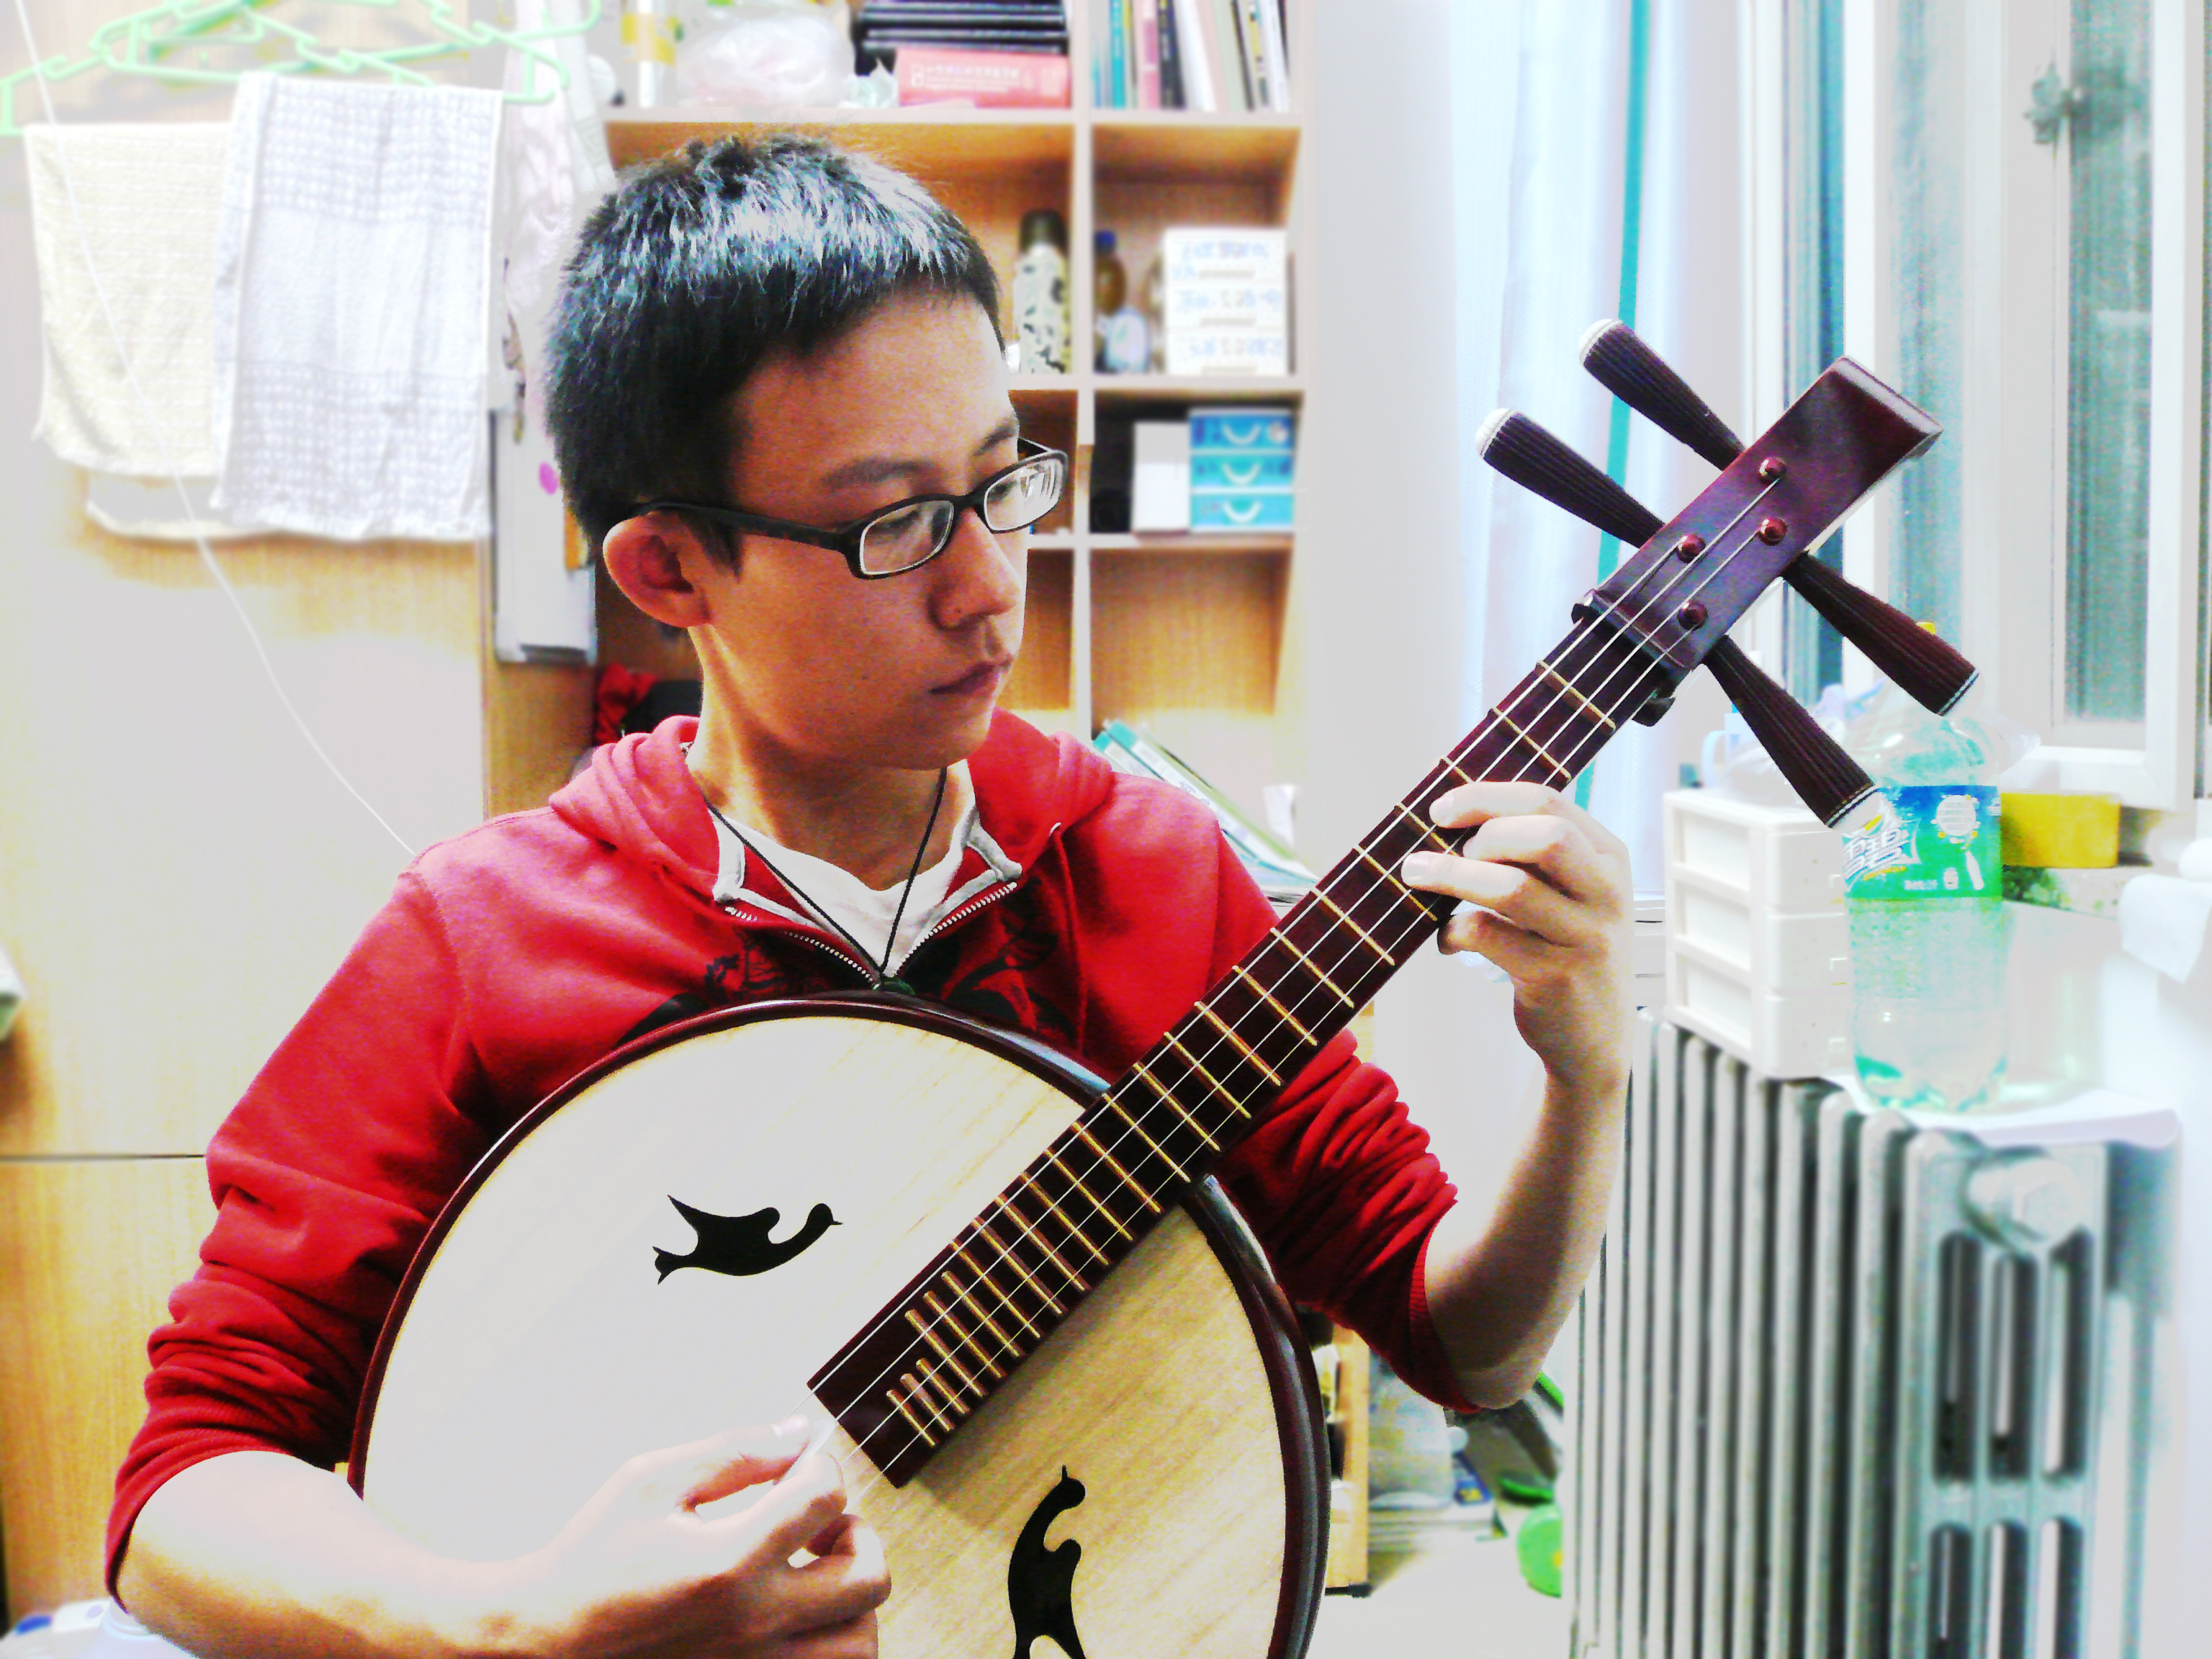 Zhongruan - Wikipedia